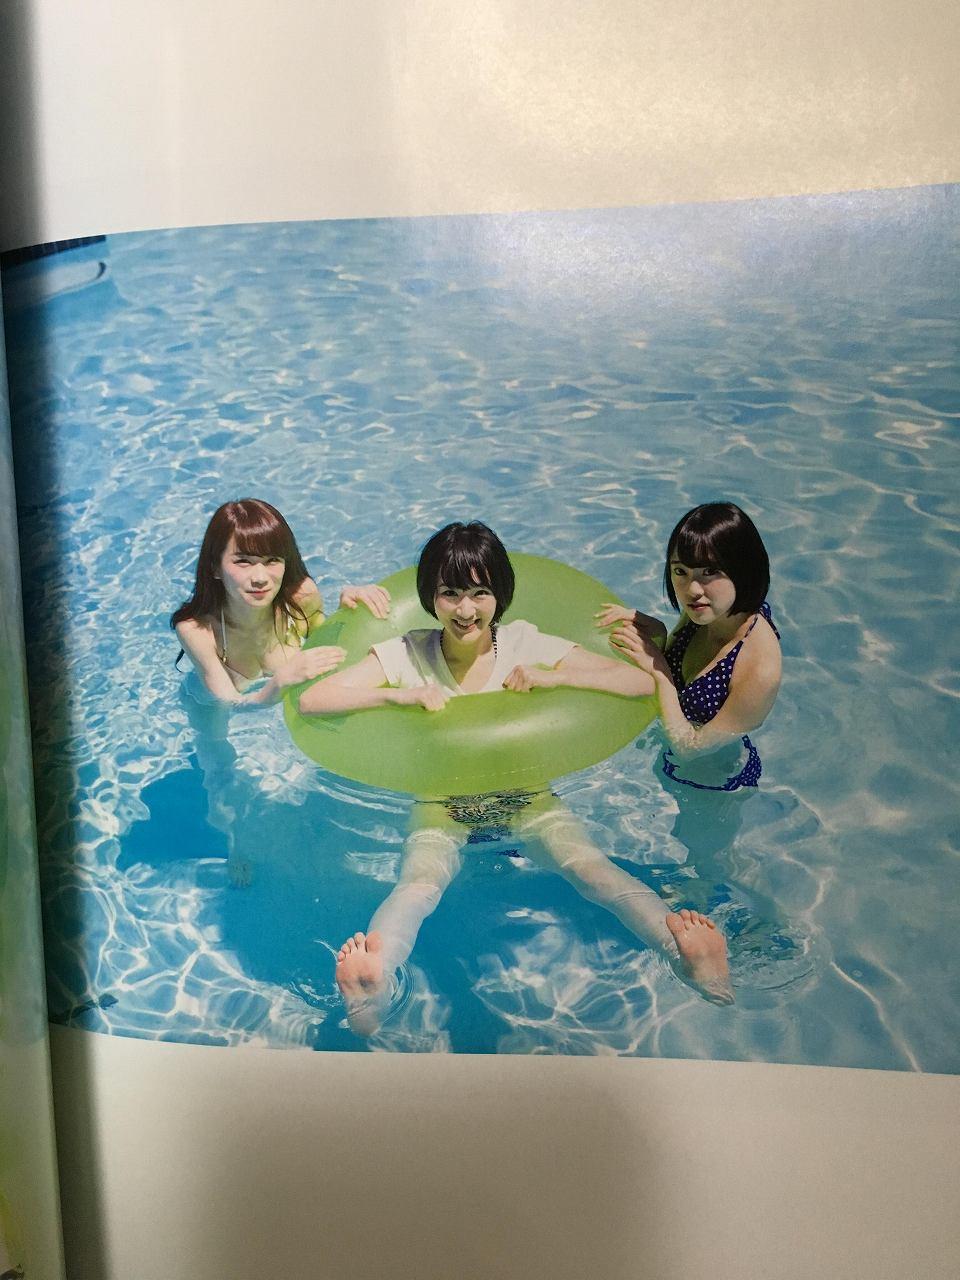 乃木坂46のセカンド写真集「1時間遅れのI love you.」画像(ビキニの水着を着た秋元真夏、生駒里奈)